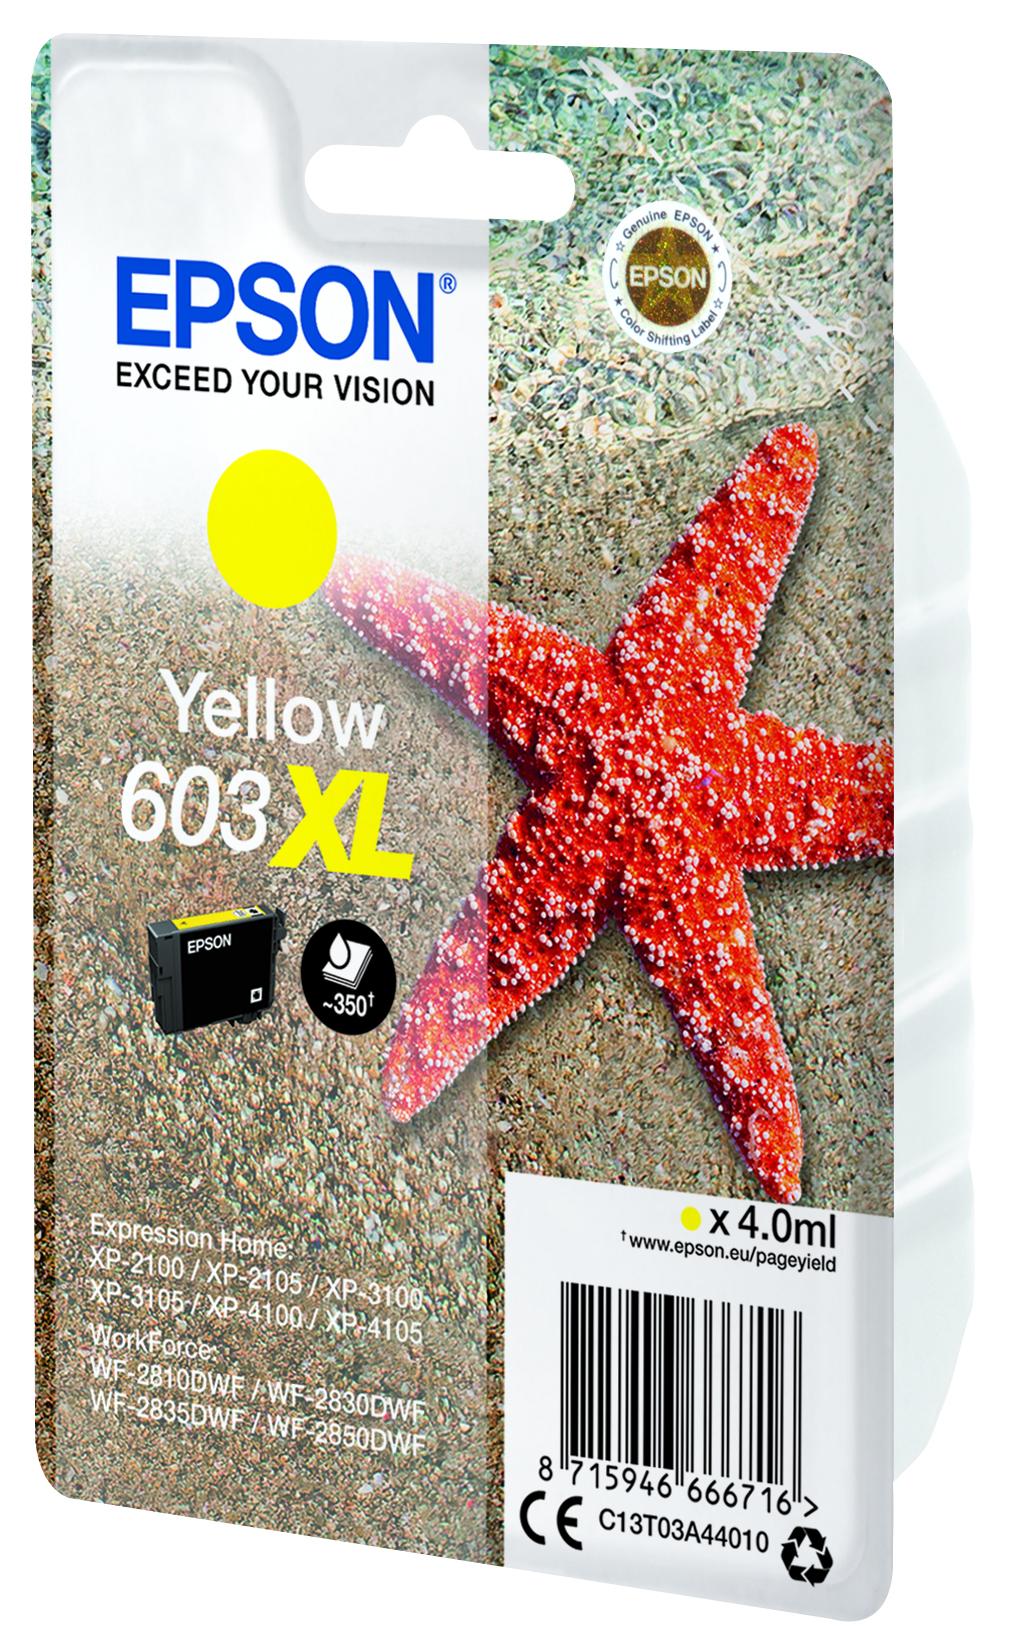 Epson 603XL žlutá (yellow) originální cartridge